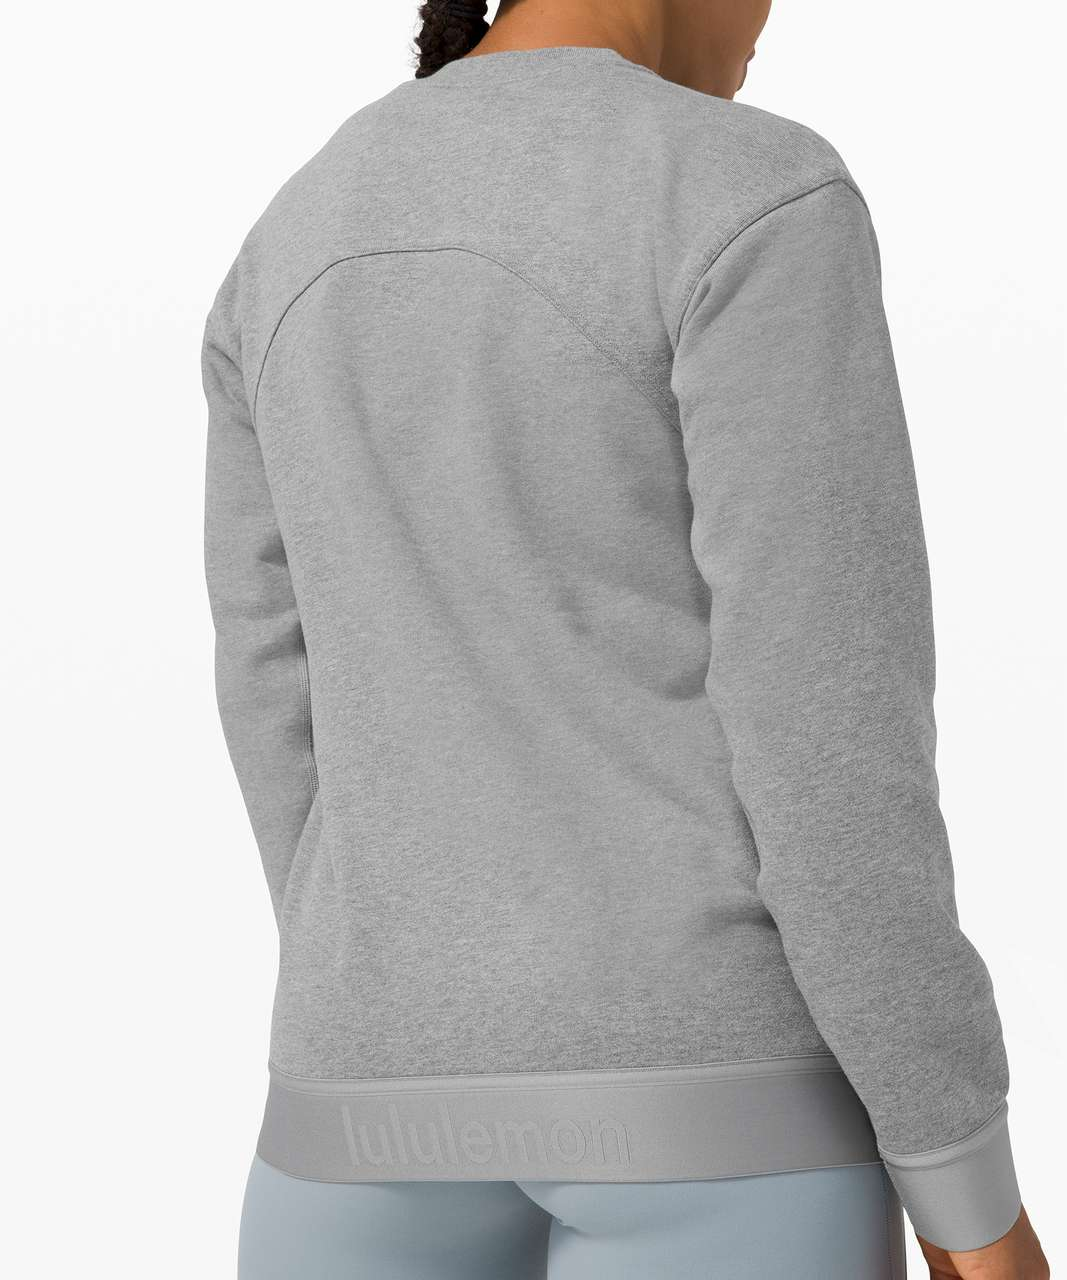 Lululemon All Yours Crew *Refreshed - Heathered Core Medium Grey